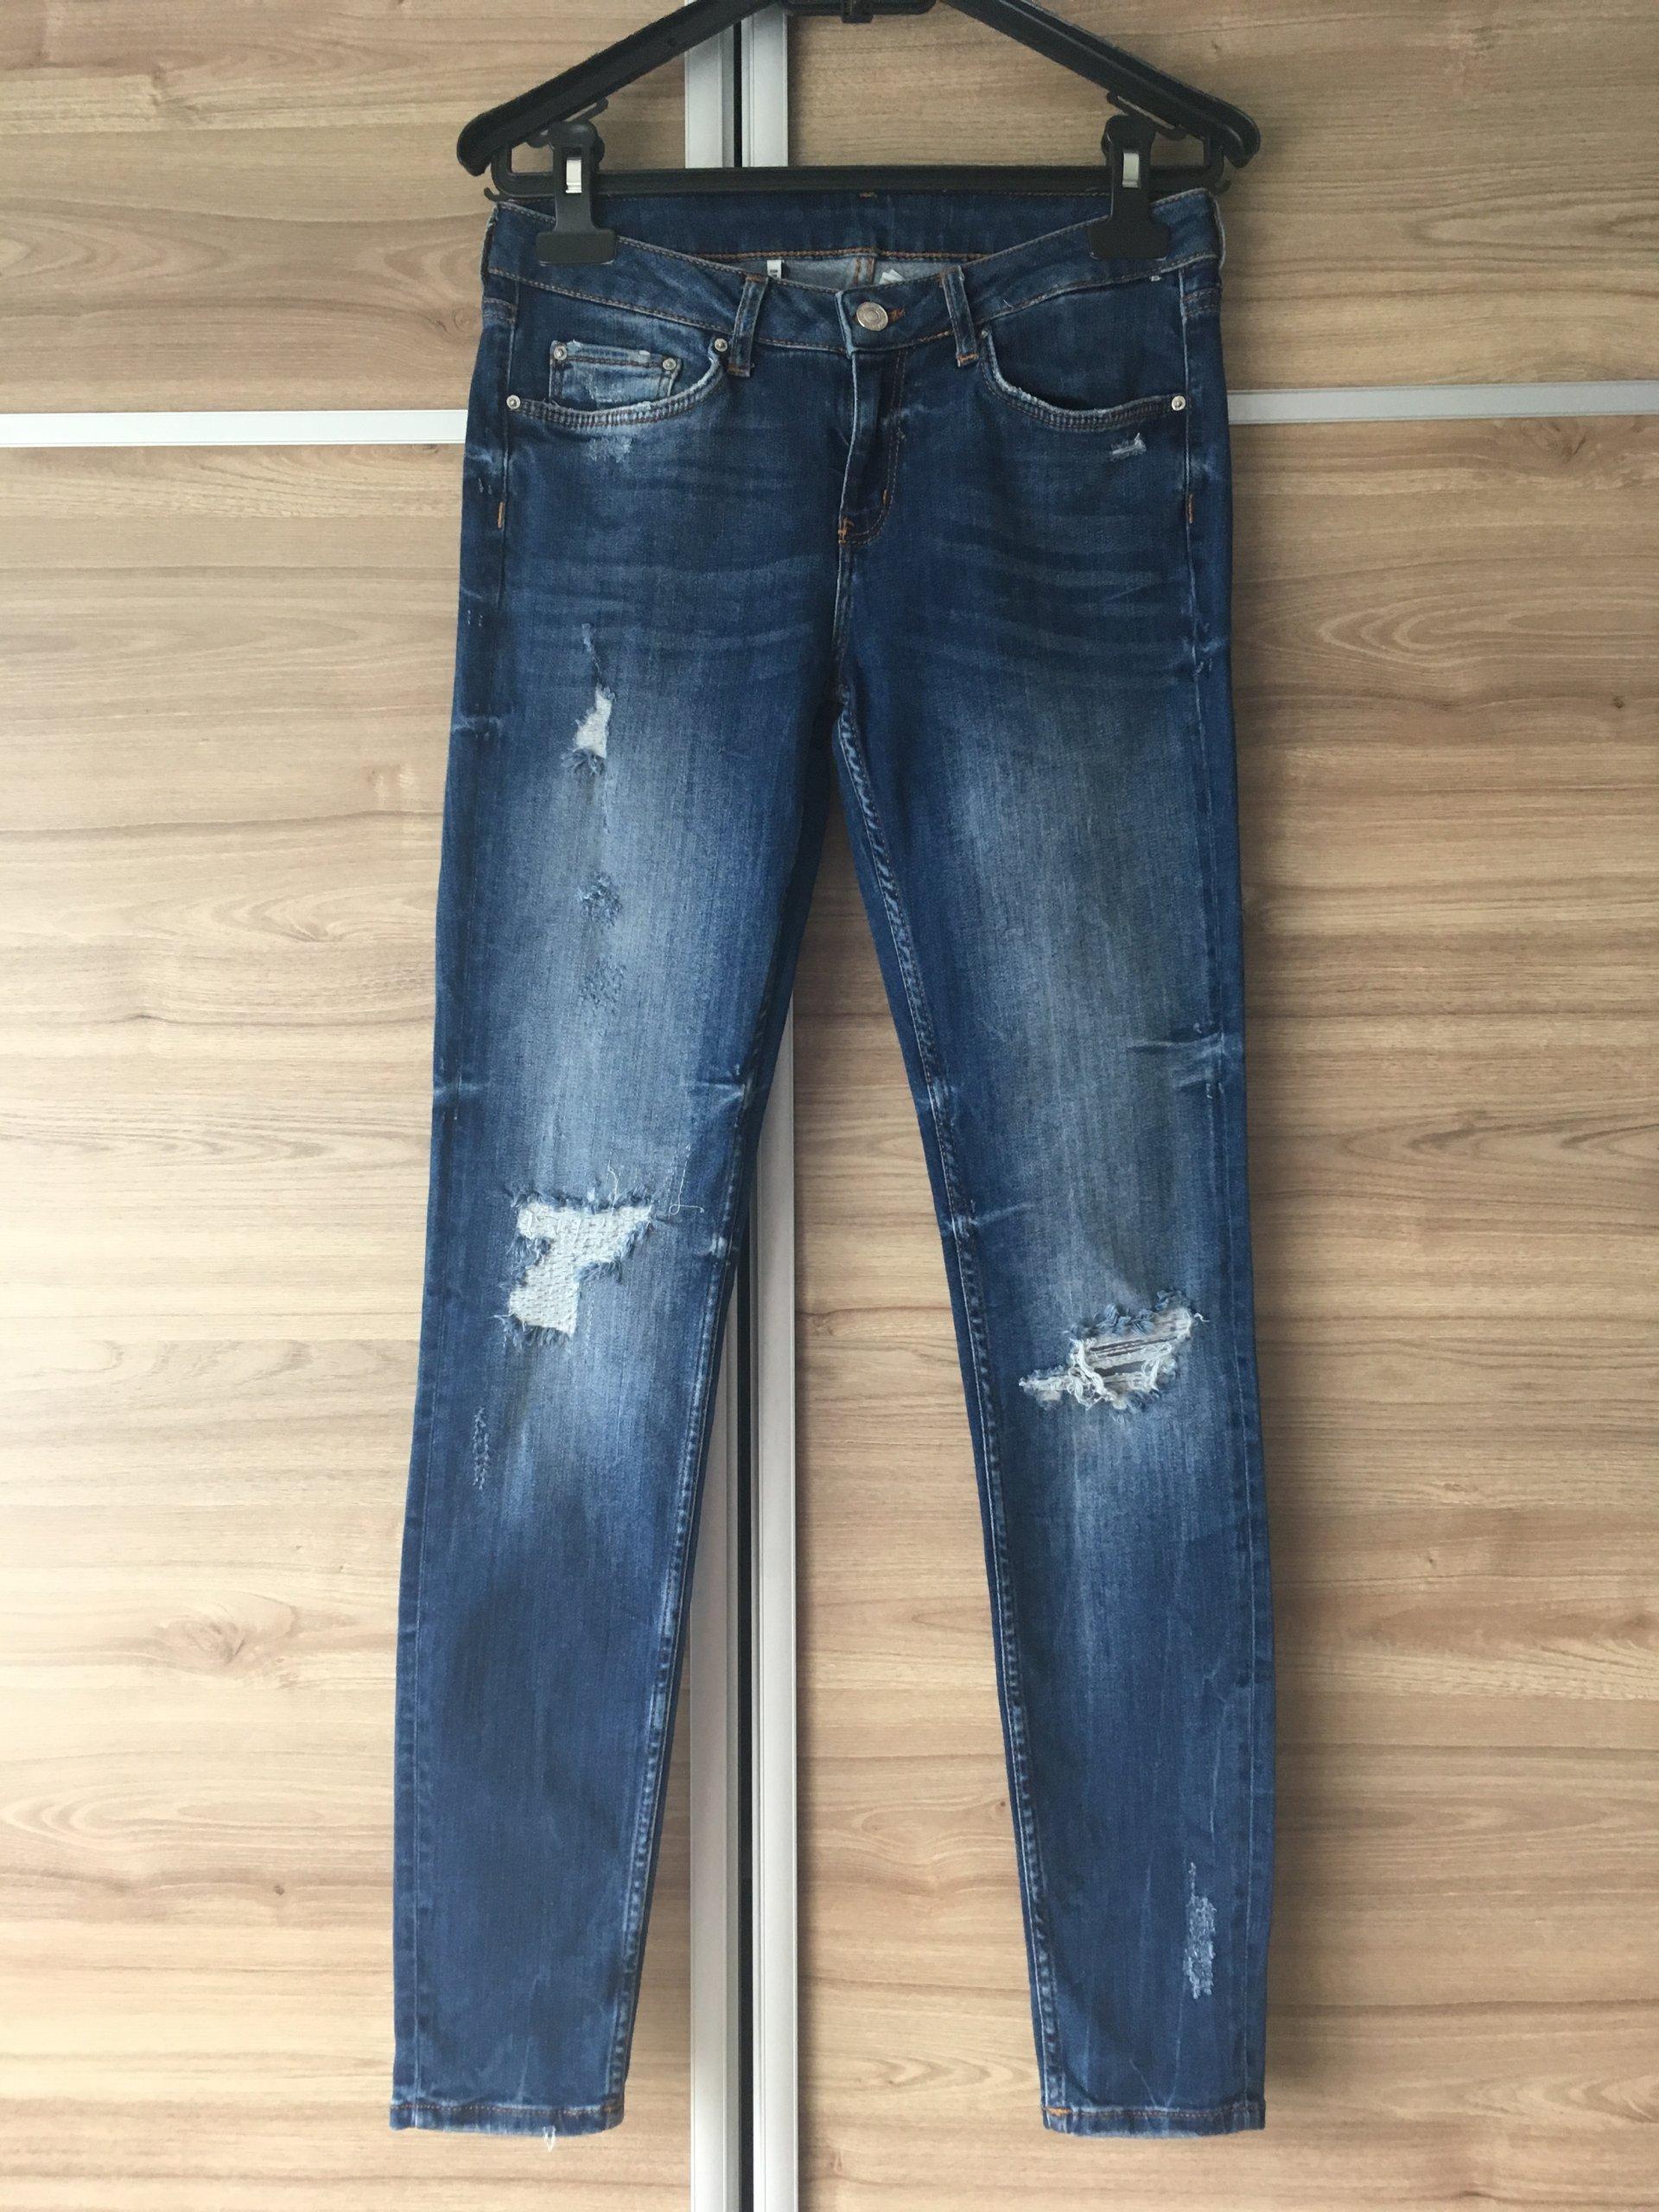 Spodnie jeansy Zara WOMAN r.38(M) rurki 7352708998